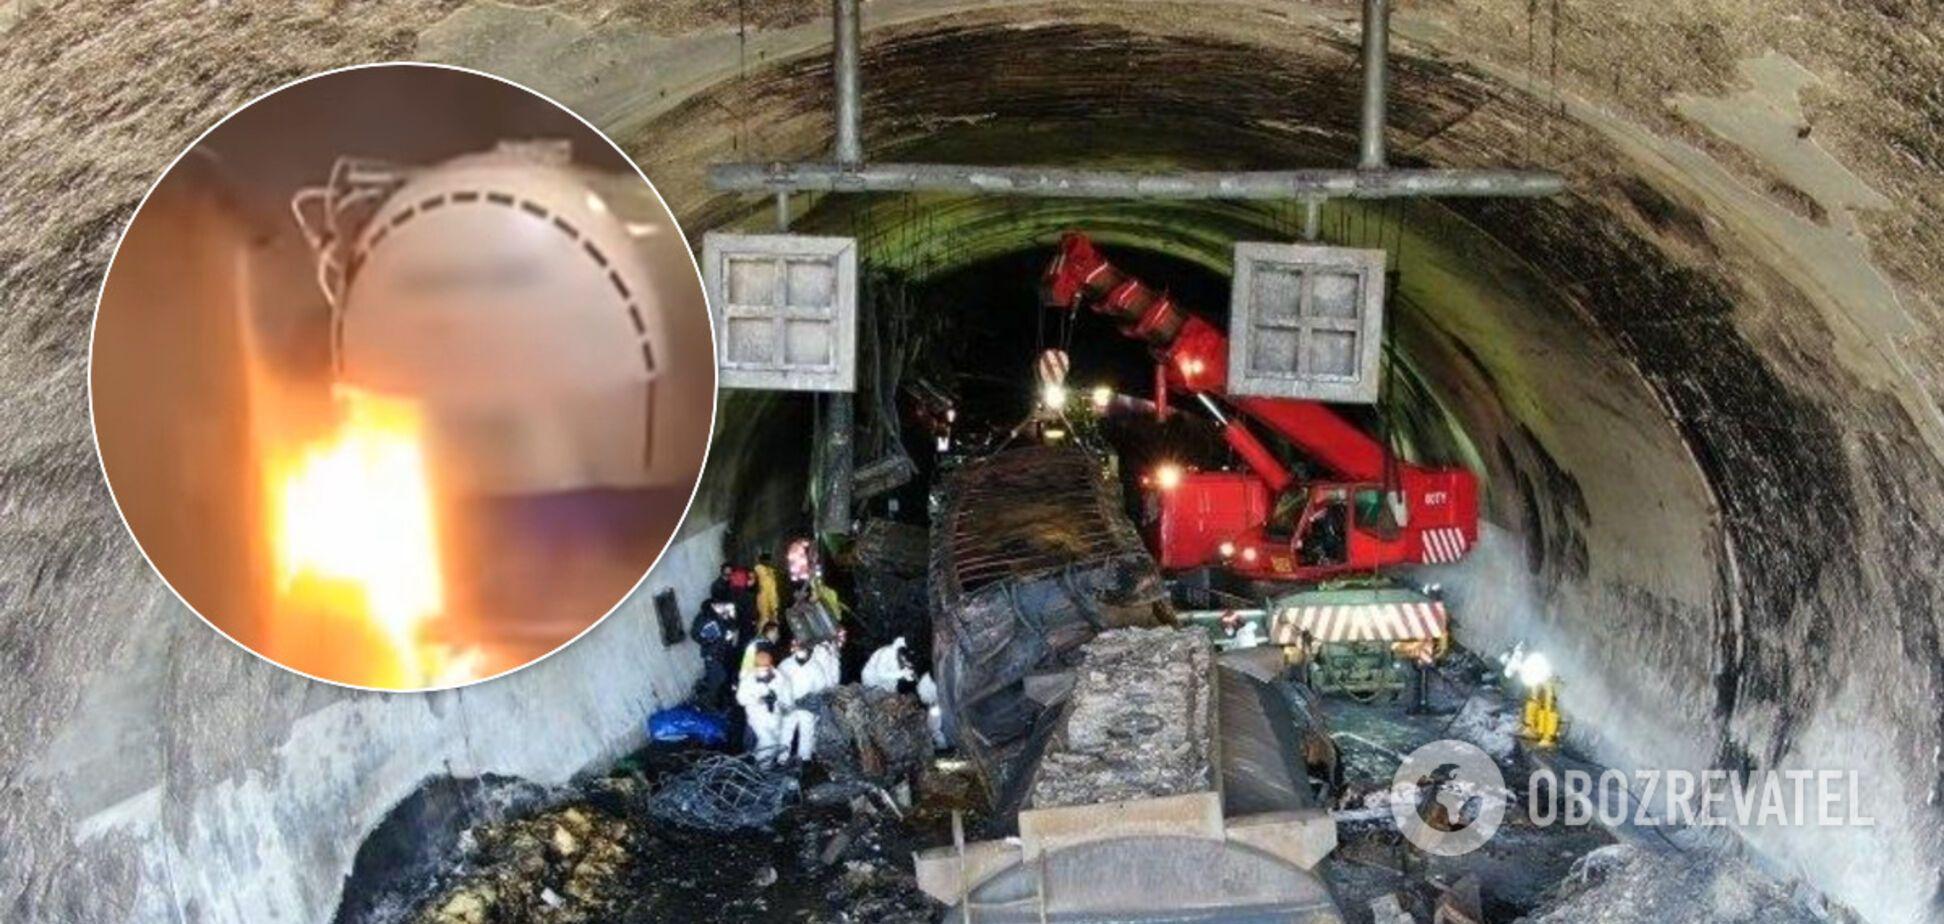 Багато жертв, 30 авто зім'яті: у Південній Кореї вибухнула вантажівка з хімікатами. Фото і відео